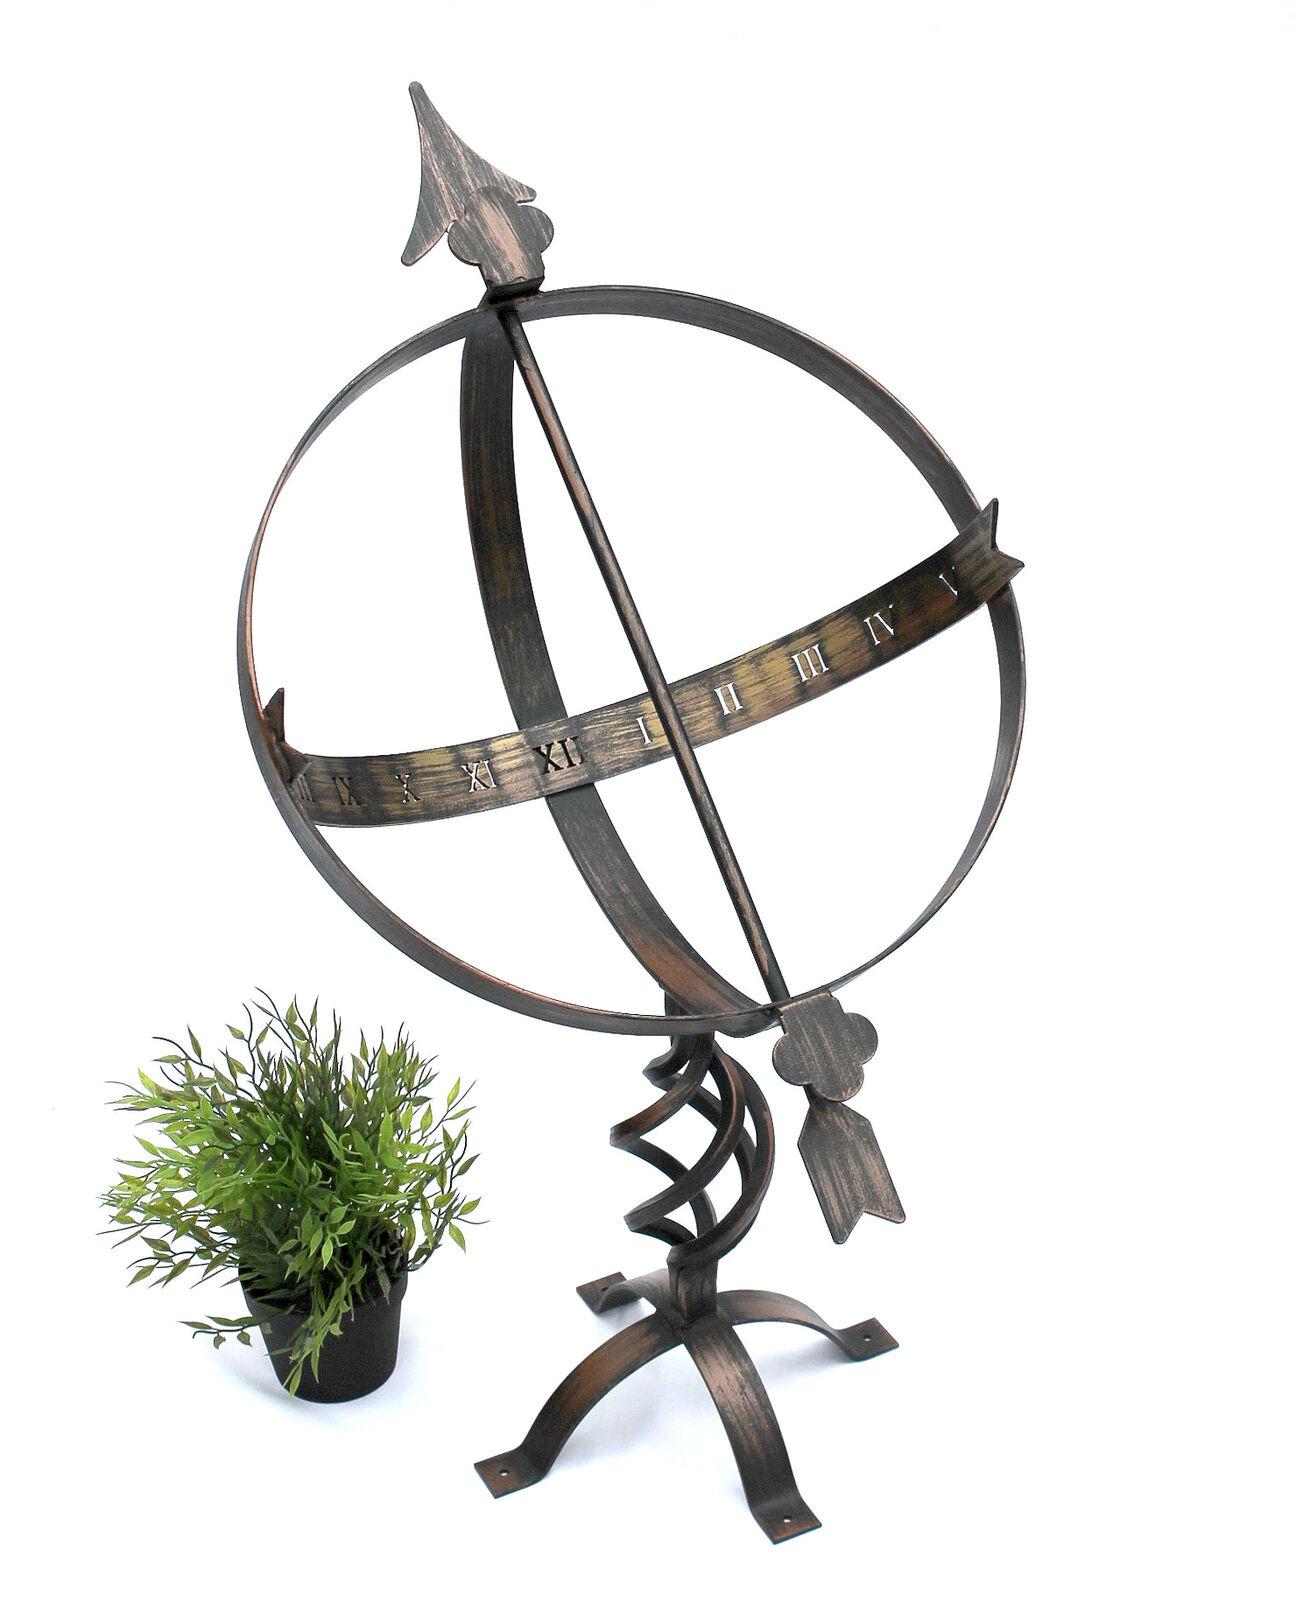 Sonnenuhr Uhr aus Metall Schmiedeeisen Wetterfest 72 cm Patina Gartendekoration | Erste Klasse in seiner Klasse  | Niedriger Preis  | Haltbar